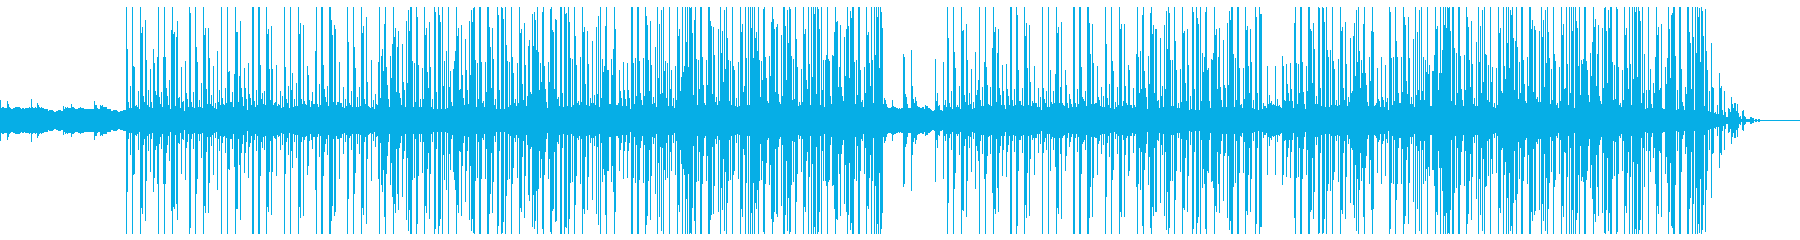 切ない ポップ トラップ ベース抜きの再生済みの波形